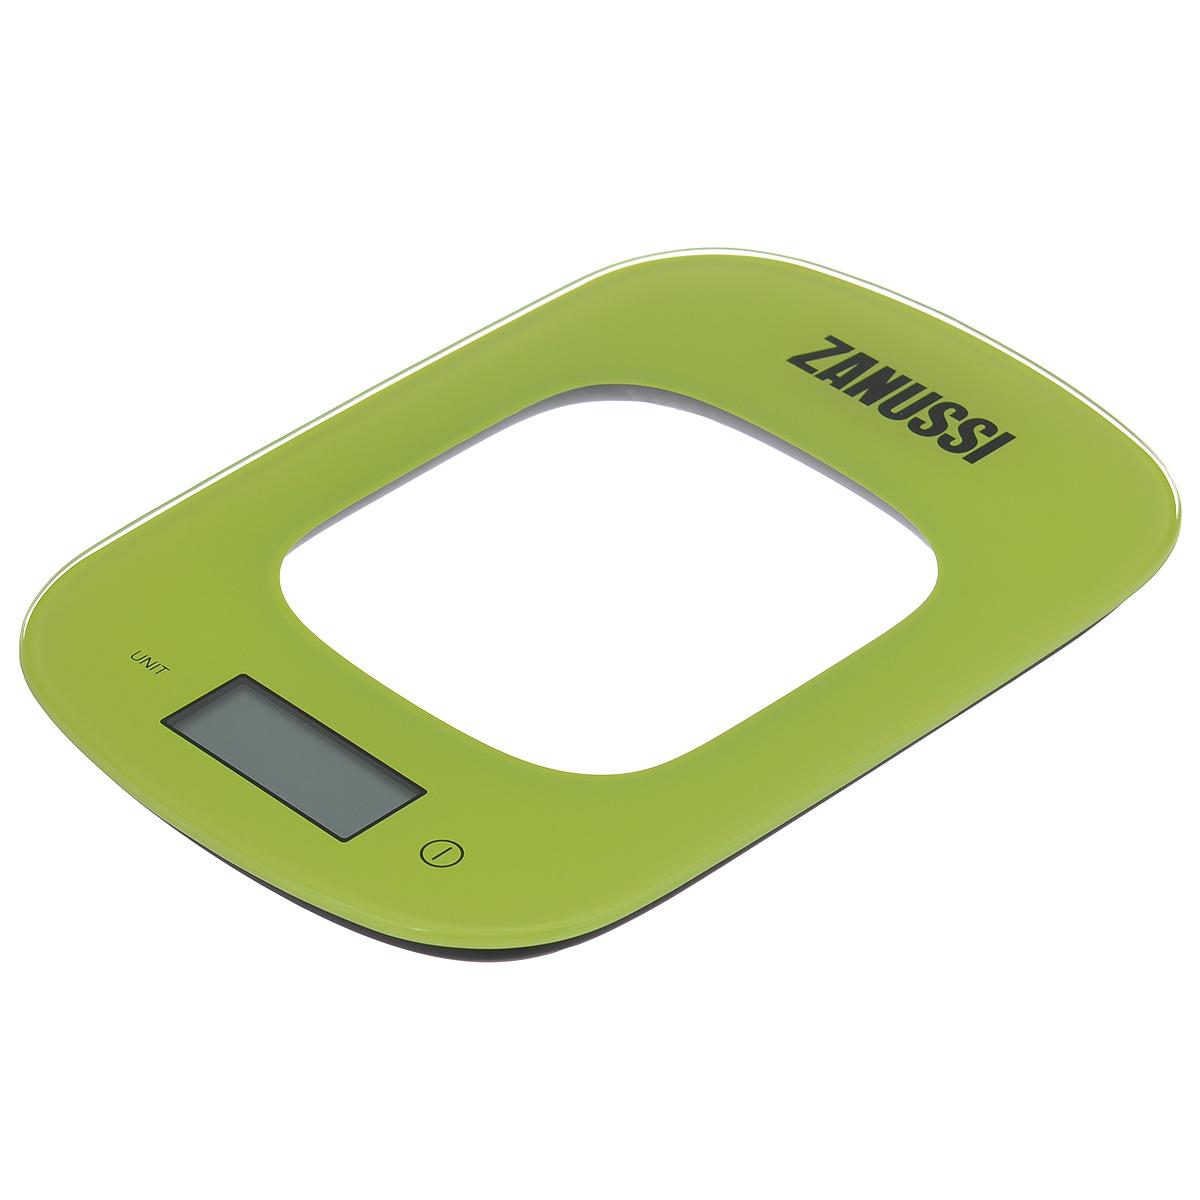 Весы кухонные Zanussi Venezia, электронные, цвет: зеленый, до 5 кгZSE22222DFЭлектронные кухонные весы Zanussi Venezia придутся по душе каждой хозяйке и станут незаменимым аксессуаром на кухне. Ультратонкий корпус весов выполнен из пластика с цифровым ЖК-дисплеем. Весы выдерживают до 5 килограмм и оснащены высокоточной сенсорной измерительной системой. Имеется индикатор низкого заряда батареи.С помощью таких электронных весов можно точно контролировать пропорции ингредиентов.УВАЖАЕМЫЕ КЛИЕНТЫ!Обращаем ваше внимание, что весы работают от одной литиевой батарейки CR2032 напряжением 3V (входит в комплект).